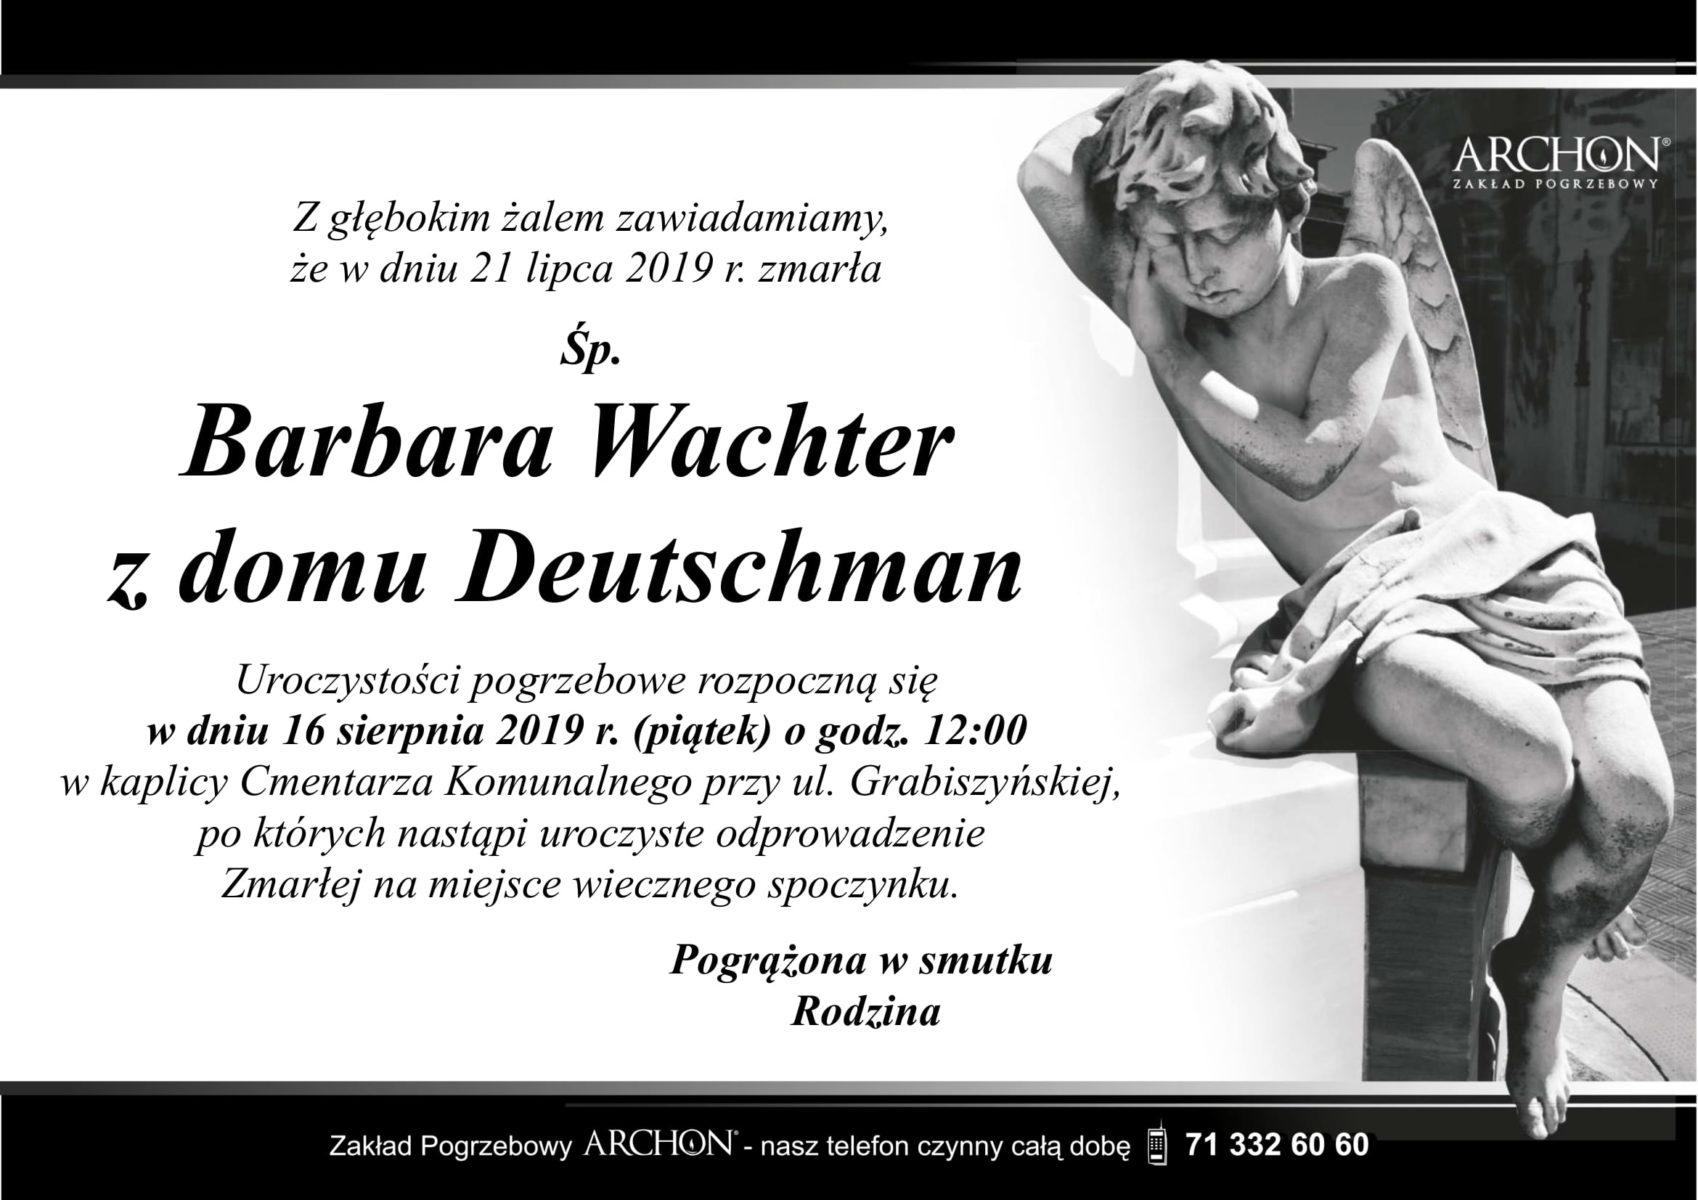 Śp. Barbara Wachter z domu Deutschman-1